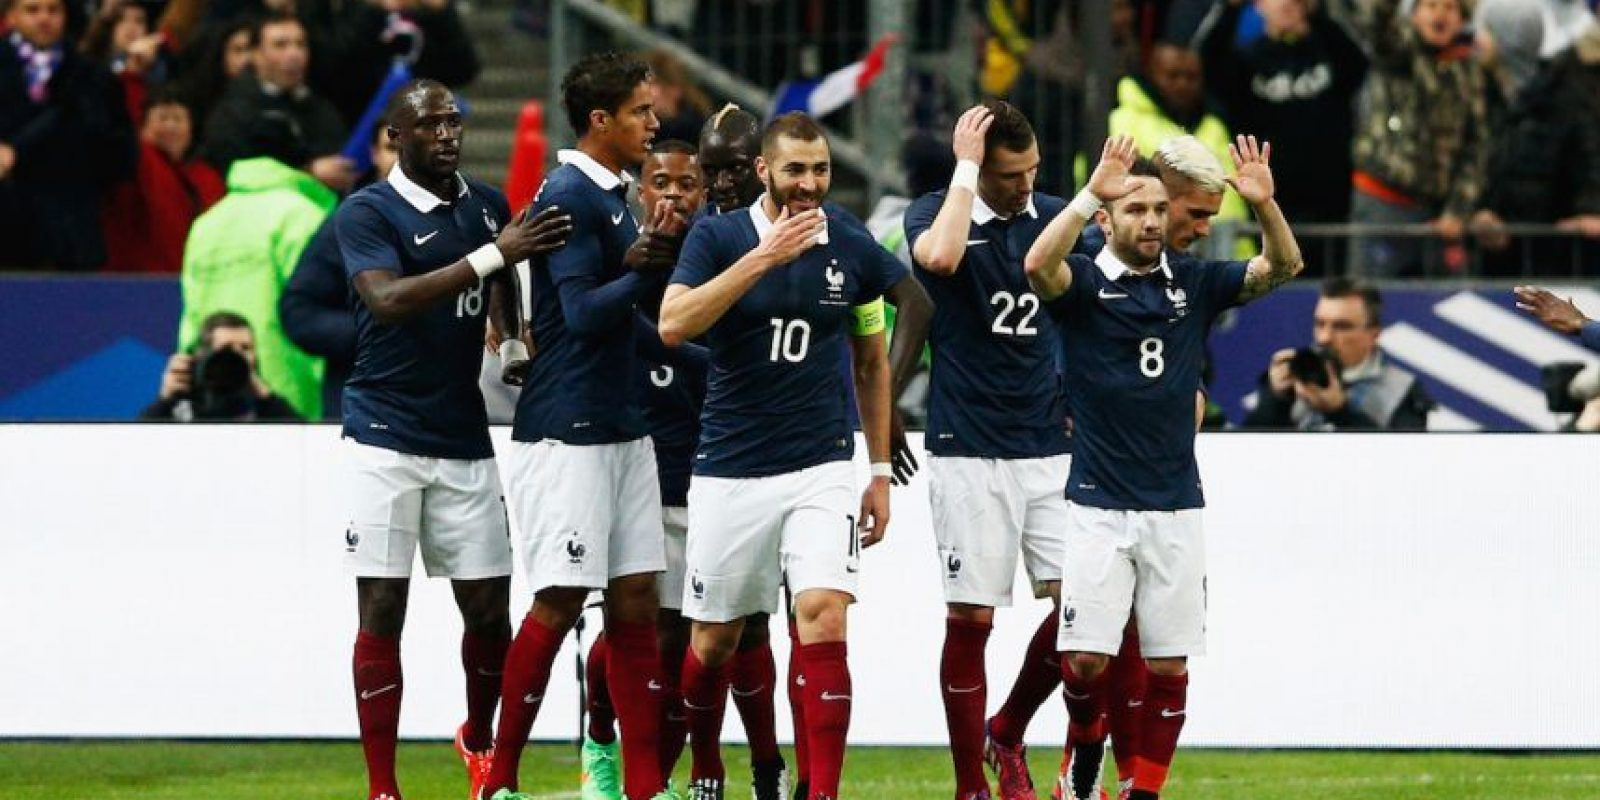 """""""Les Bleus"""" están clasificados por ser el país organizador. Foto:Getty Images"""